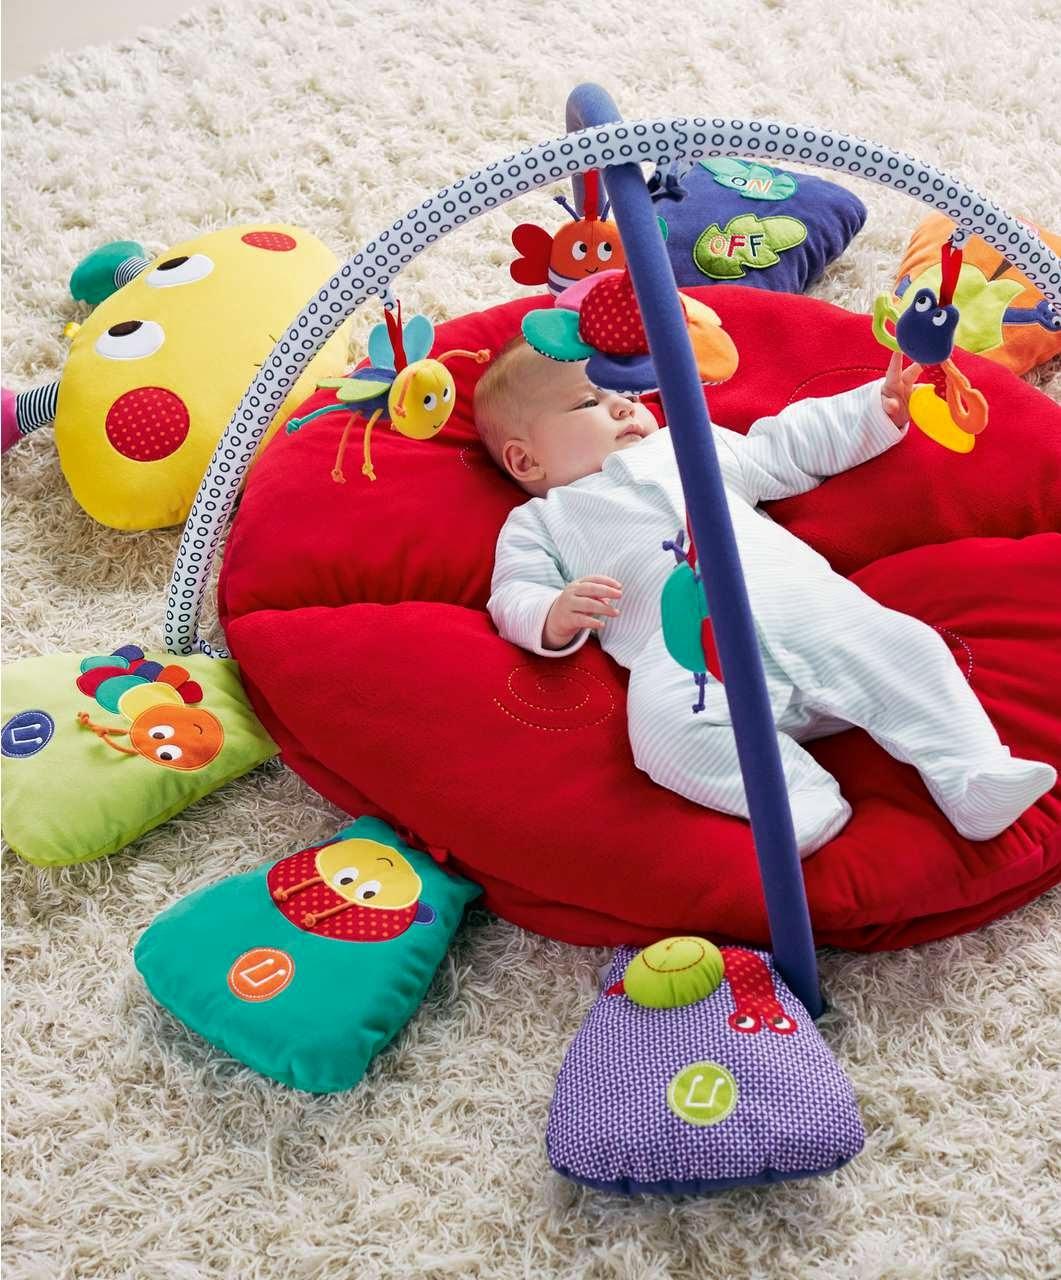 đồ chơi phù hợp cho trẻ từ 3 - 6 tháng tuổi